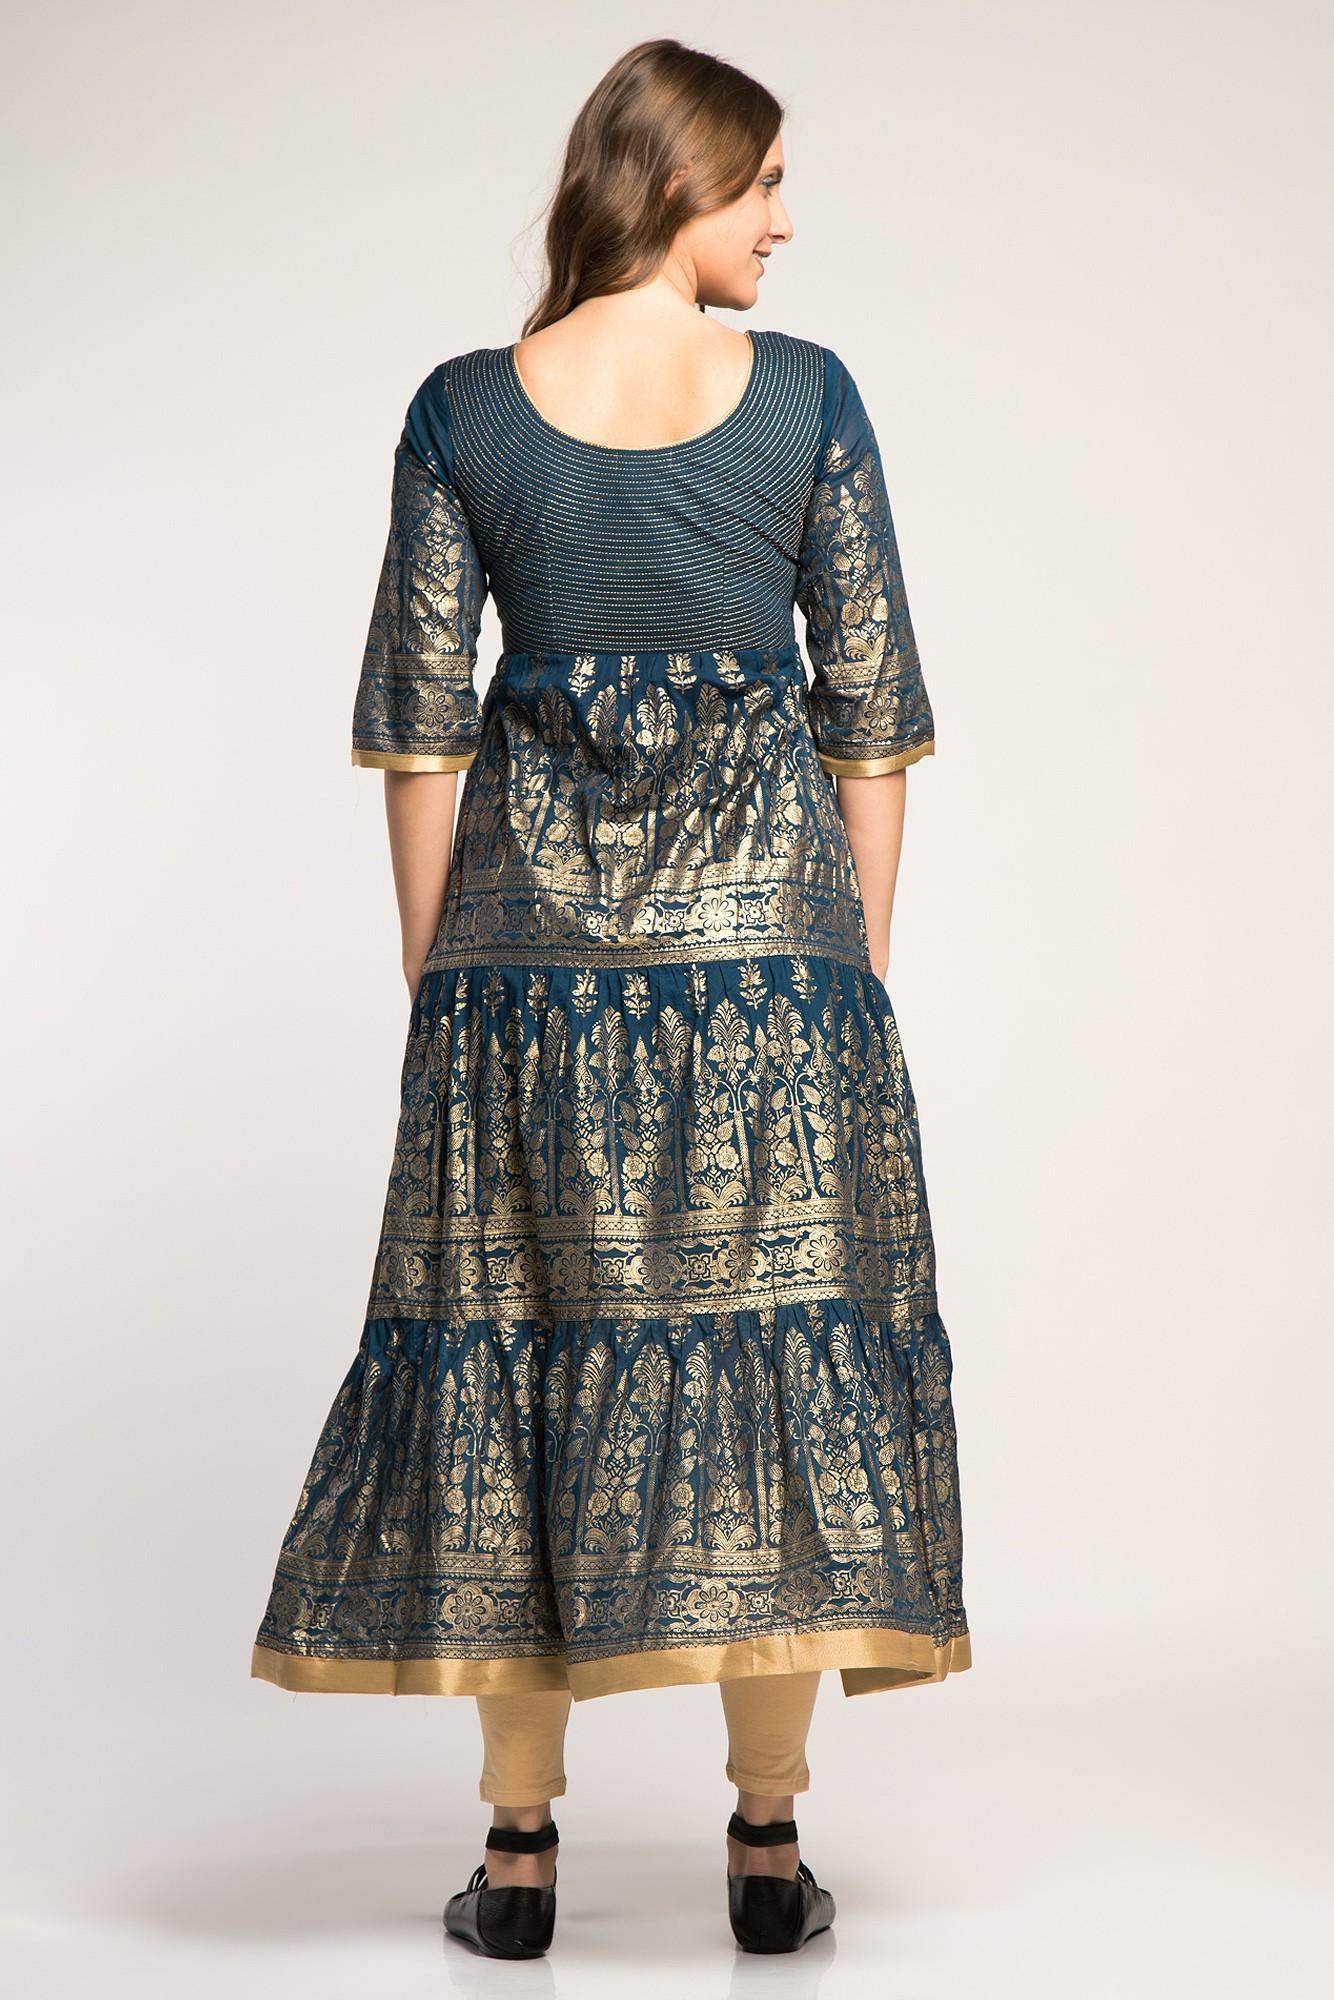 Costum traditional indian elegant cu imprimeu auriu